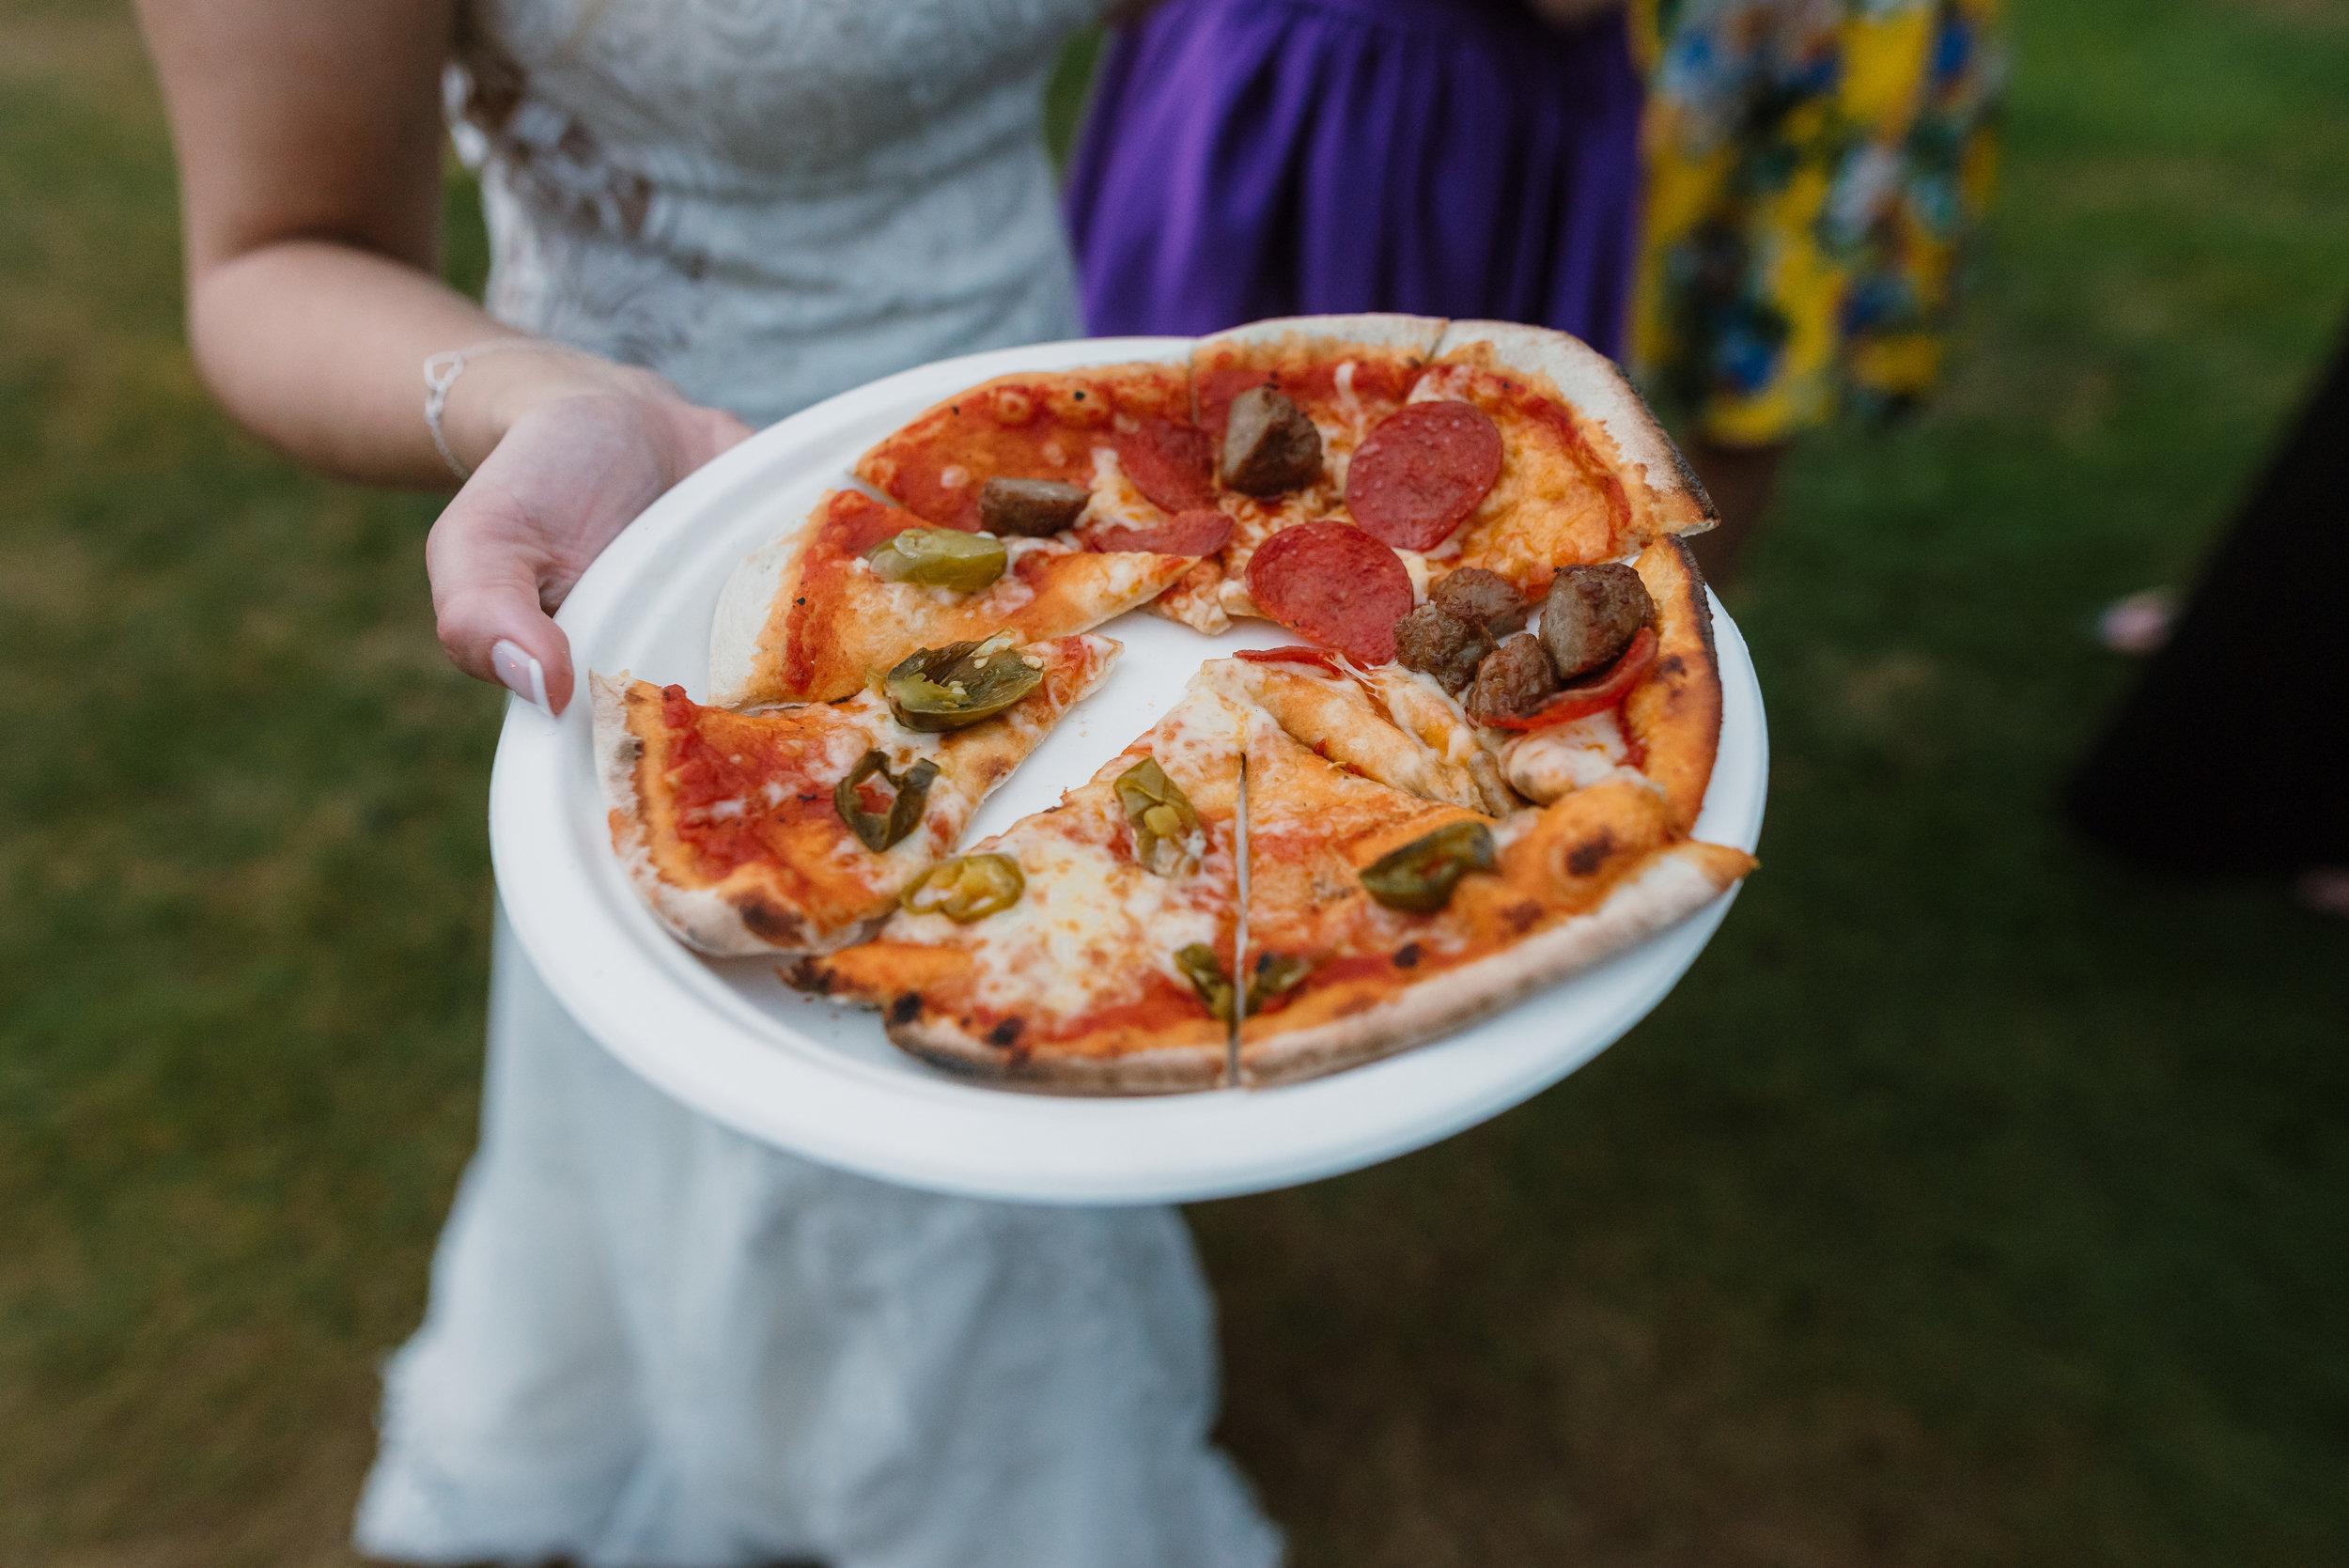 Hampshire Wedding Photographer Hampshire : Ufton-Court-Wedding : Barn-wedding-venue-hampshire : sarah-fishlock-photography : hampshire-barn-wedding-1180.jpg